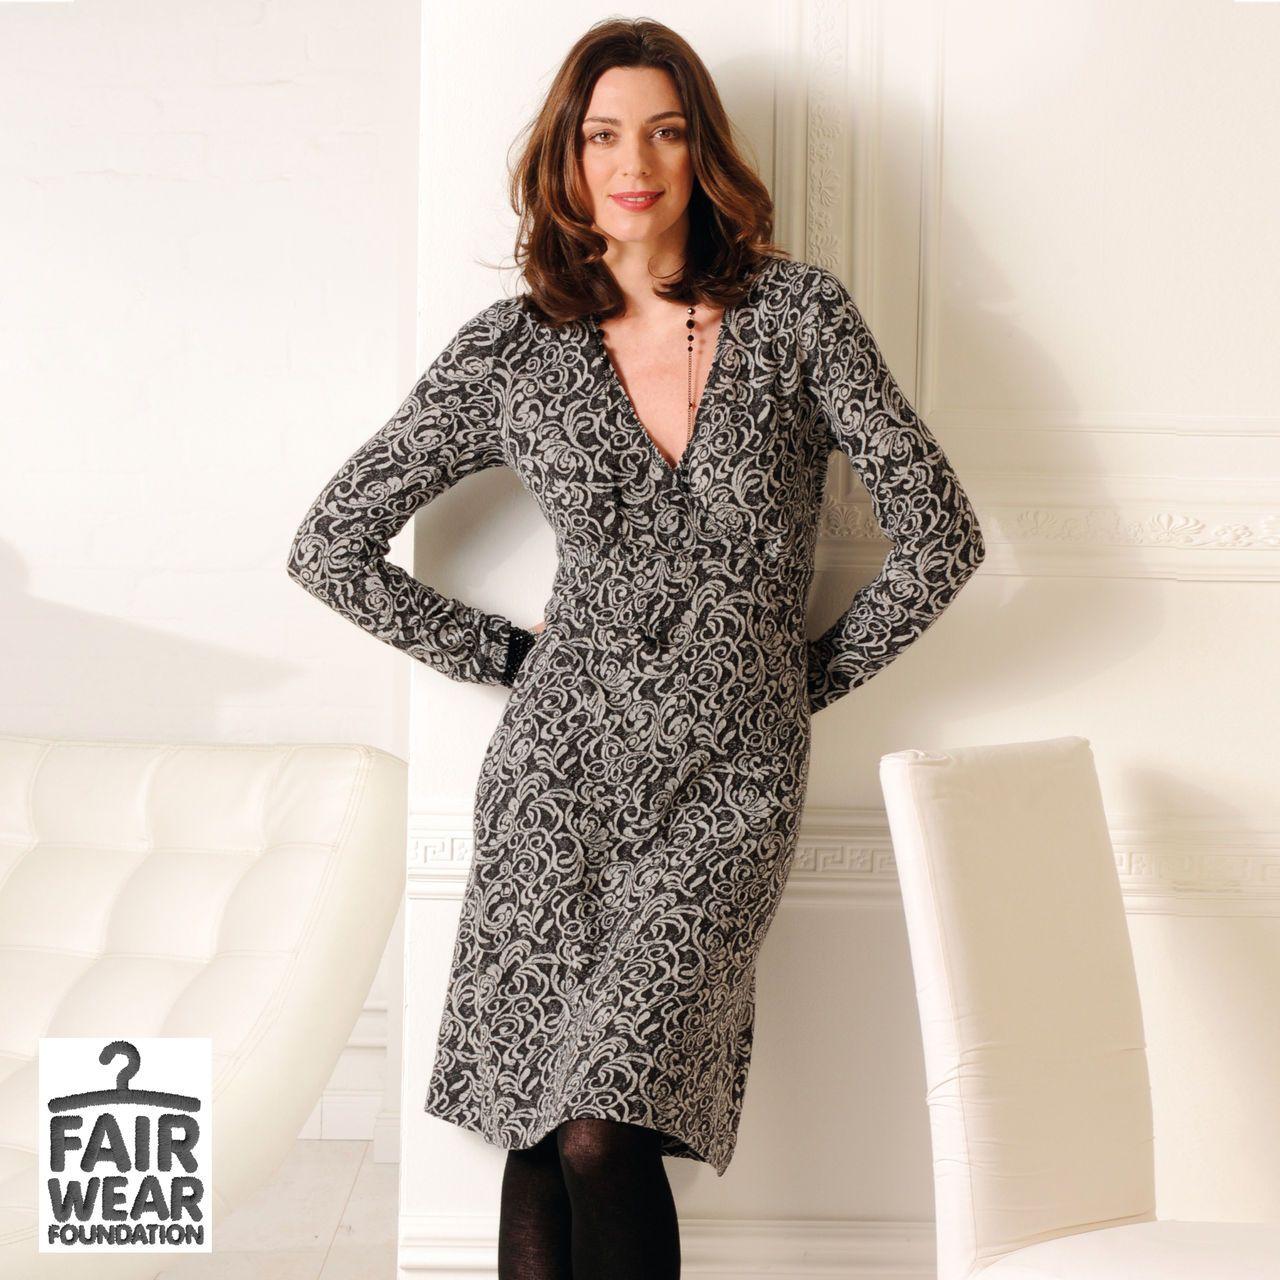 Kleid vom deutschen Bio-Label MADNESS 100% feinster Merinowolle - Nachhaltig produziertes, weiches & knitterfreies Kleid